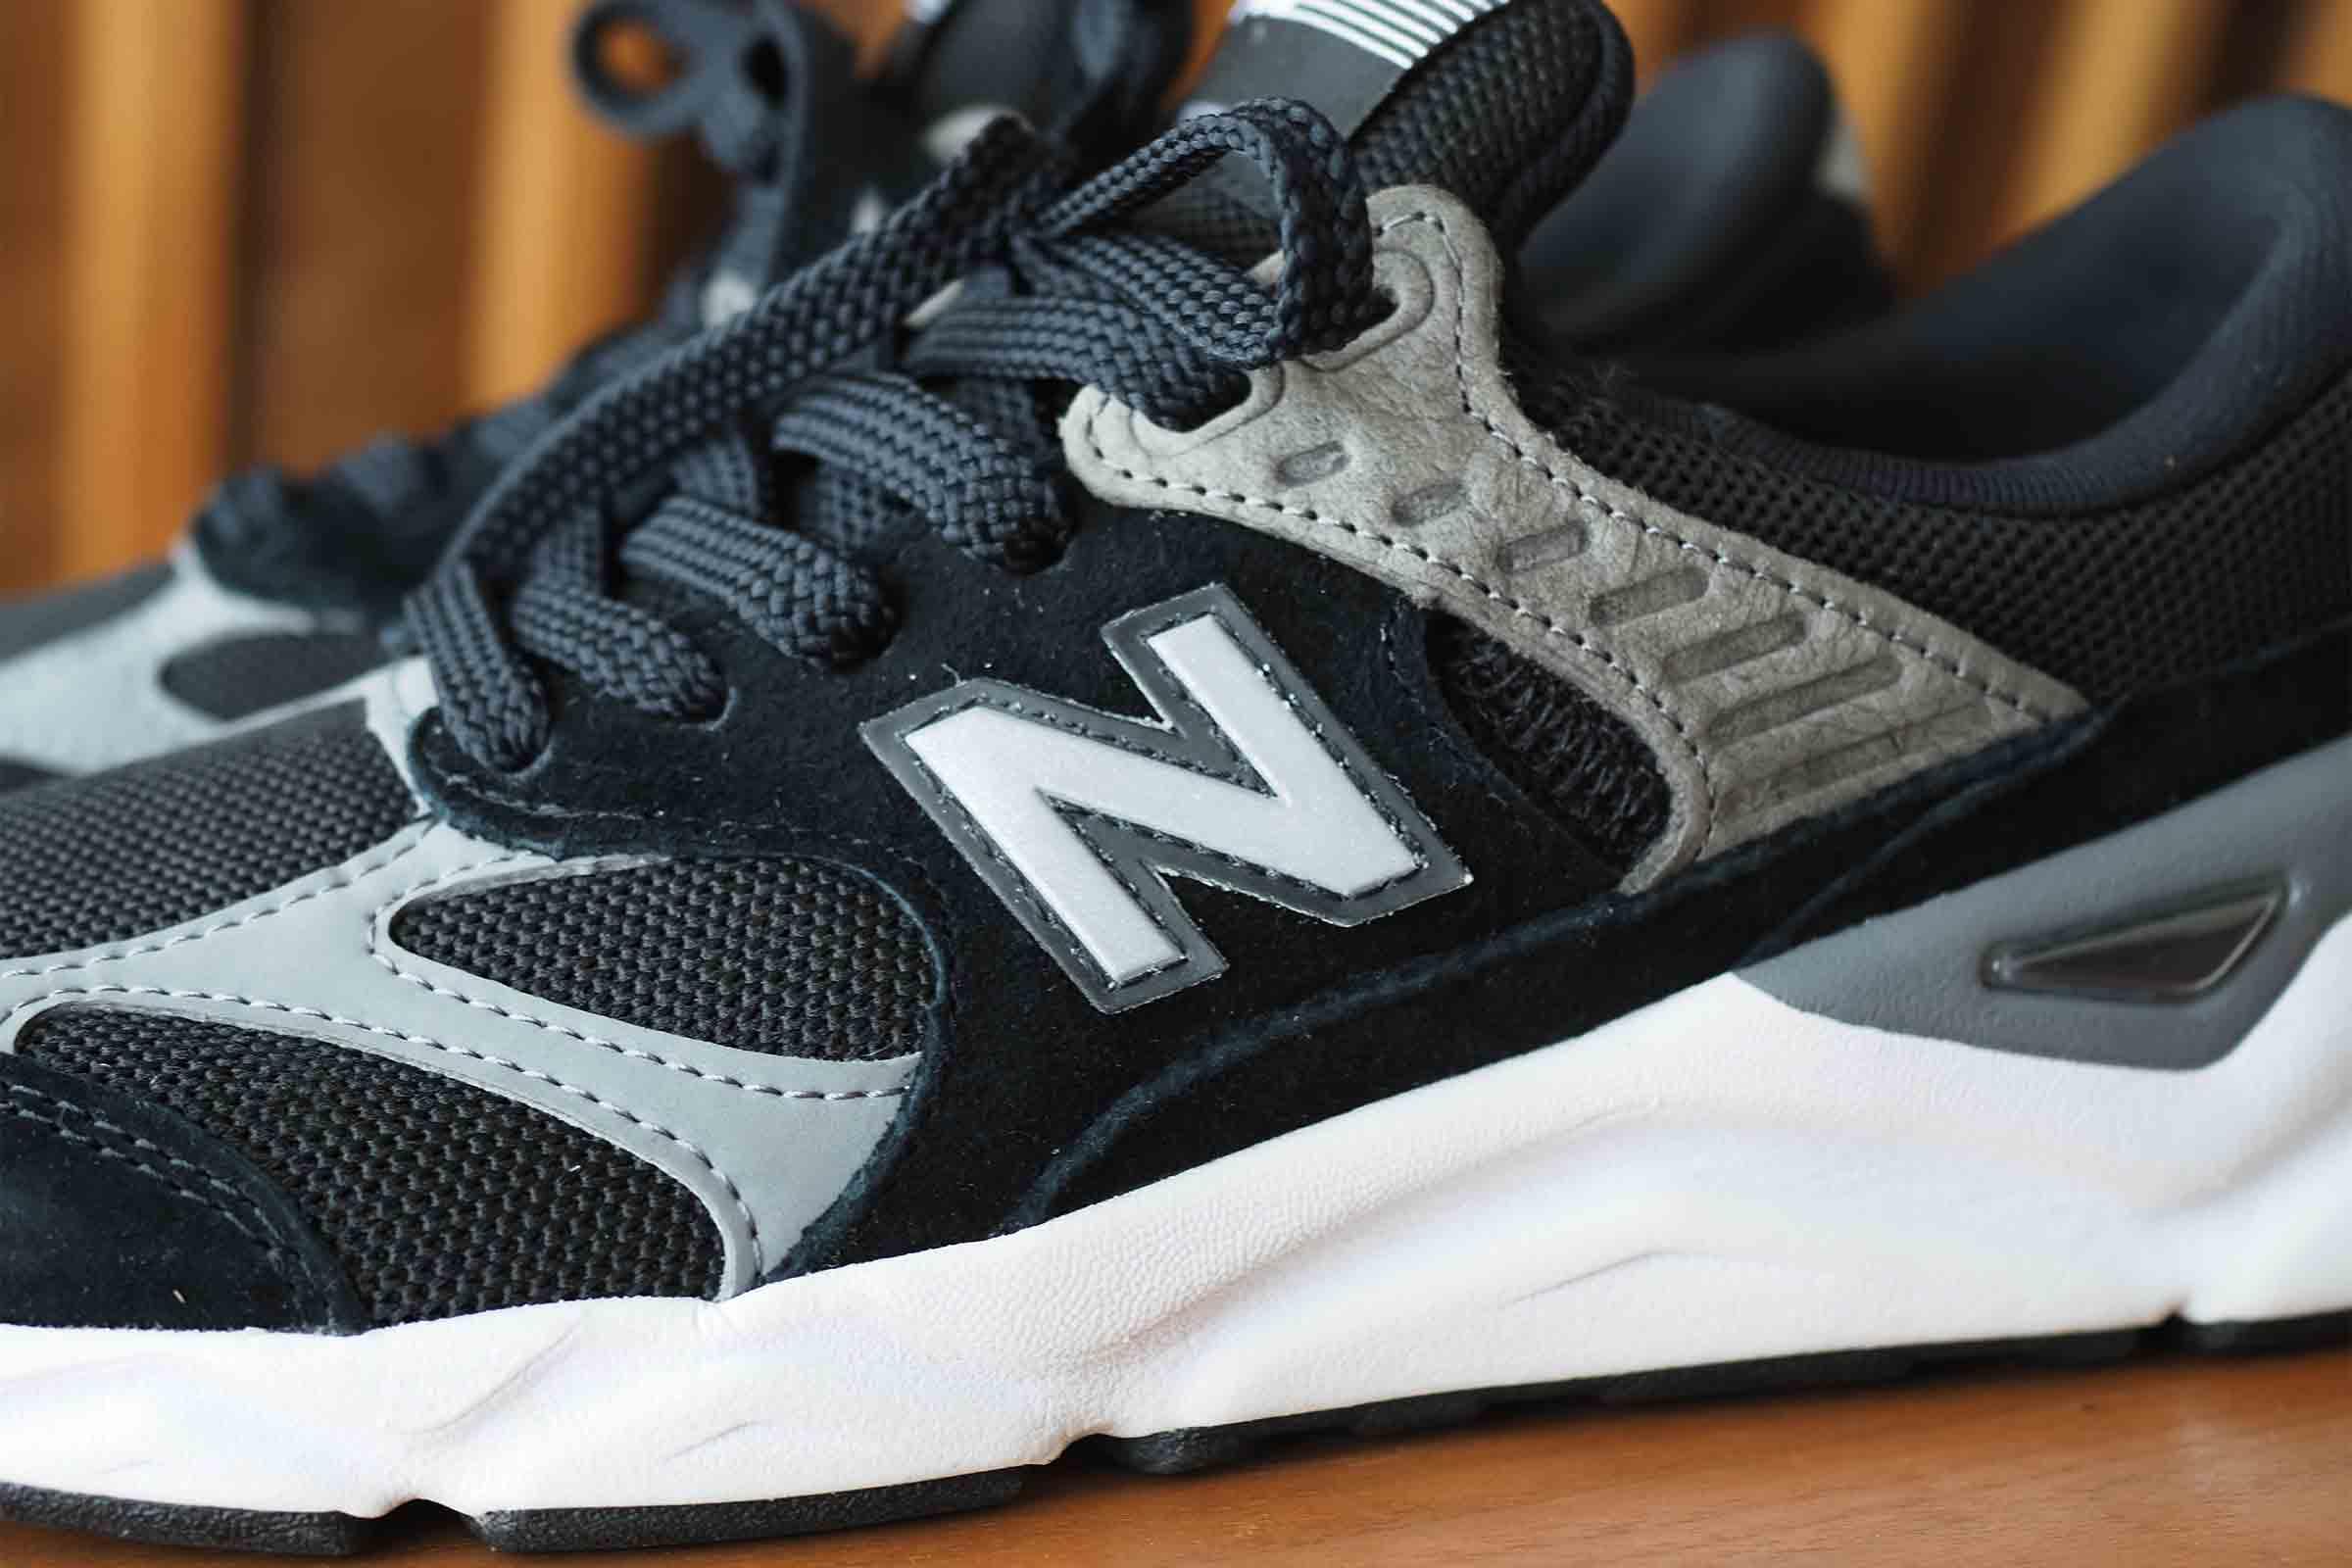 スニーカー,ニューバランス,newbalance,歩きやすい,メンズ,安い,スタイリッシュ